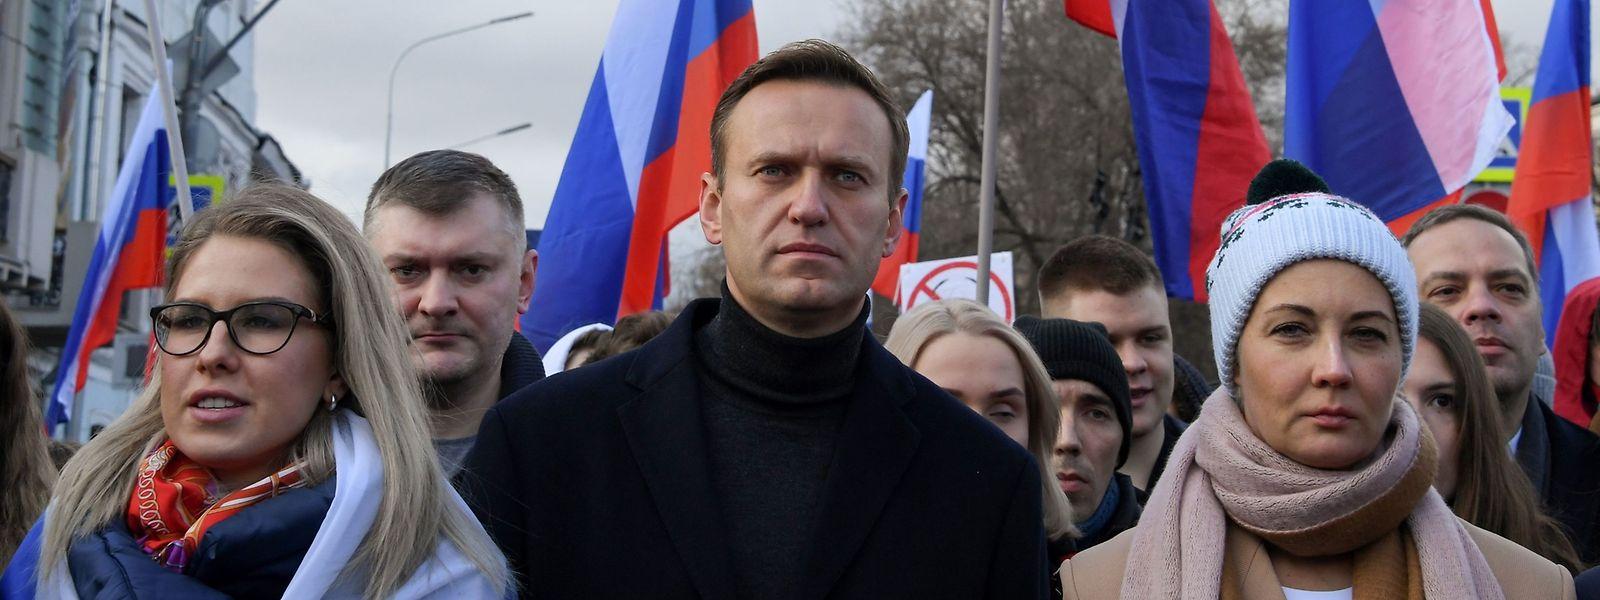 Der russische Kreml-Kritiker Nawalny (Mitte) war am 20. August während eines Inlandsflugs in Russland zusammengebrochen.